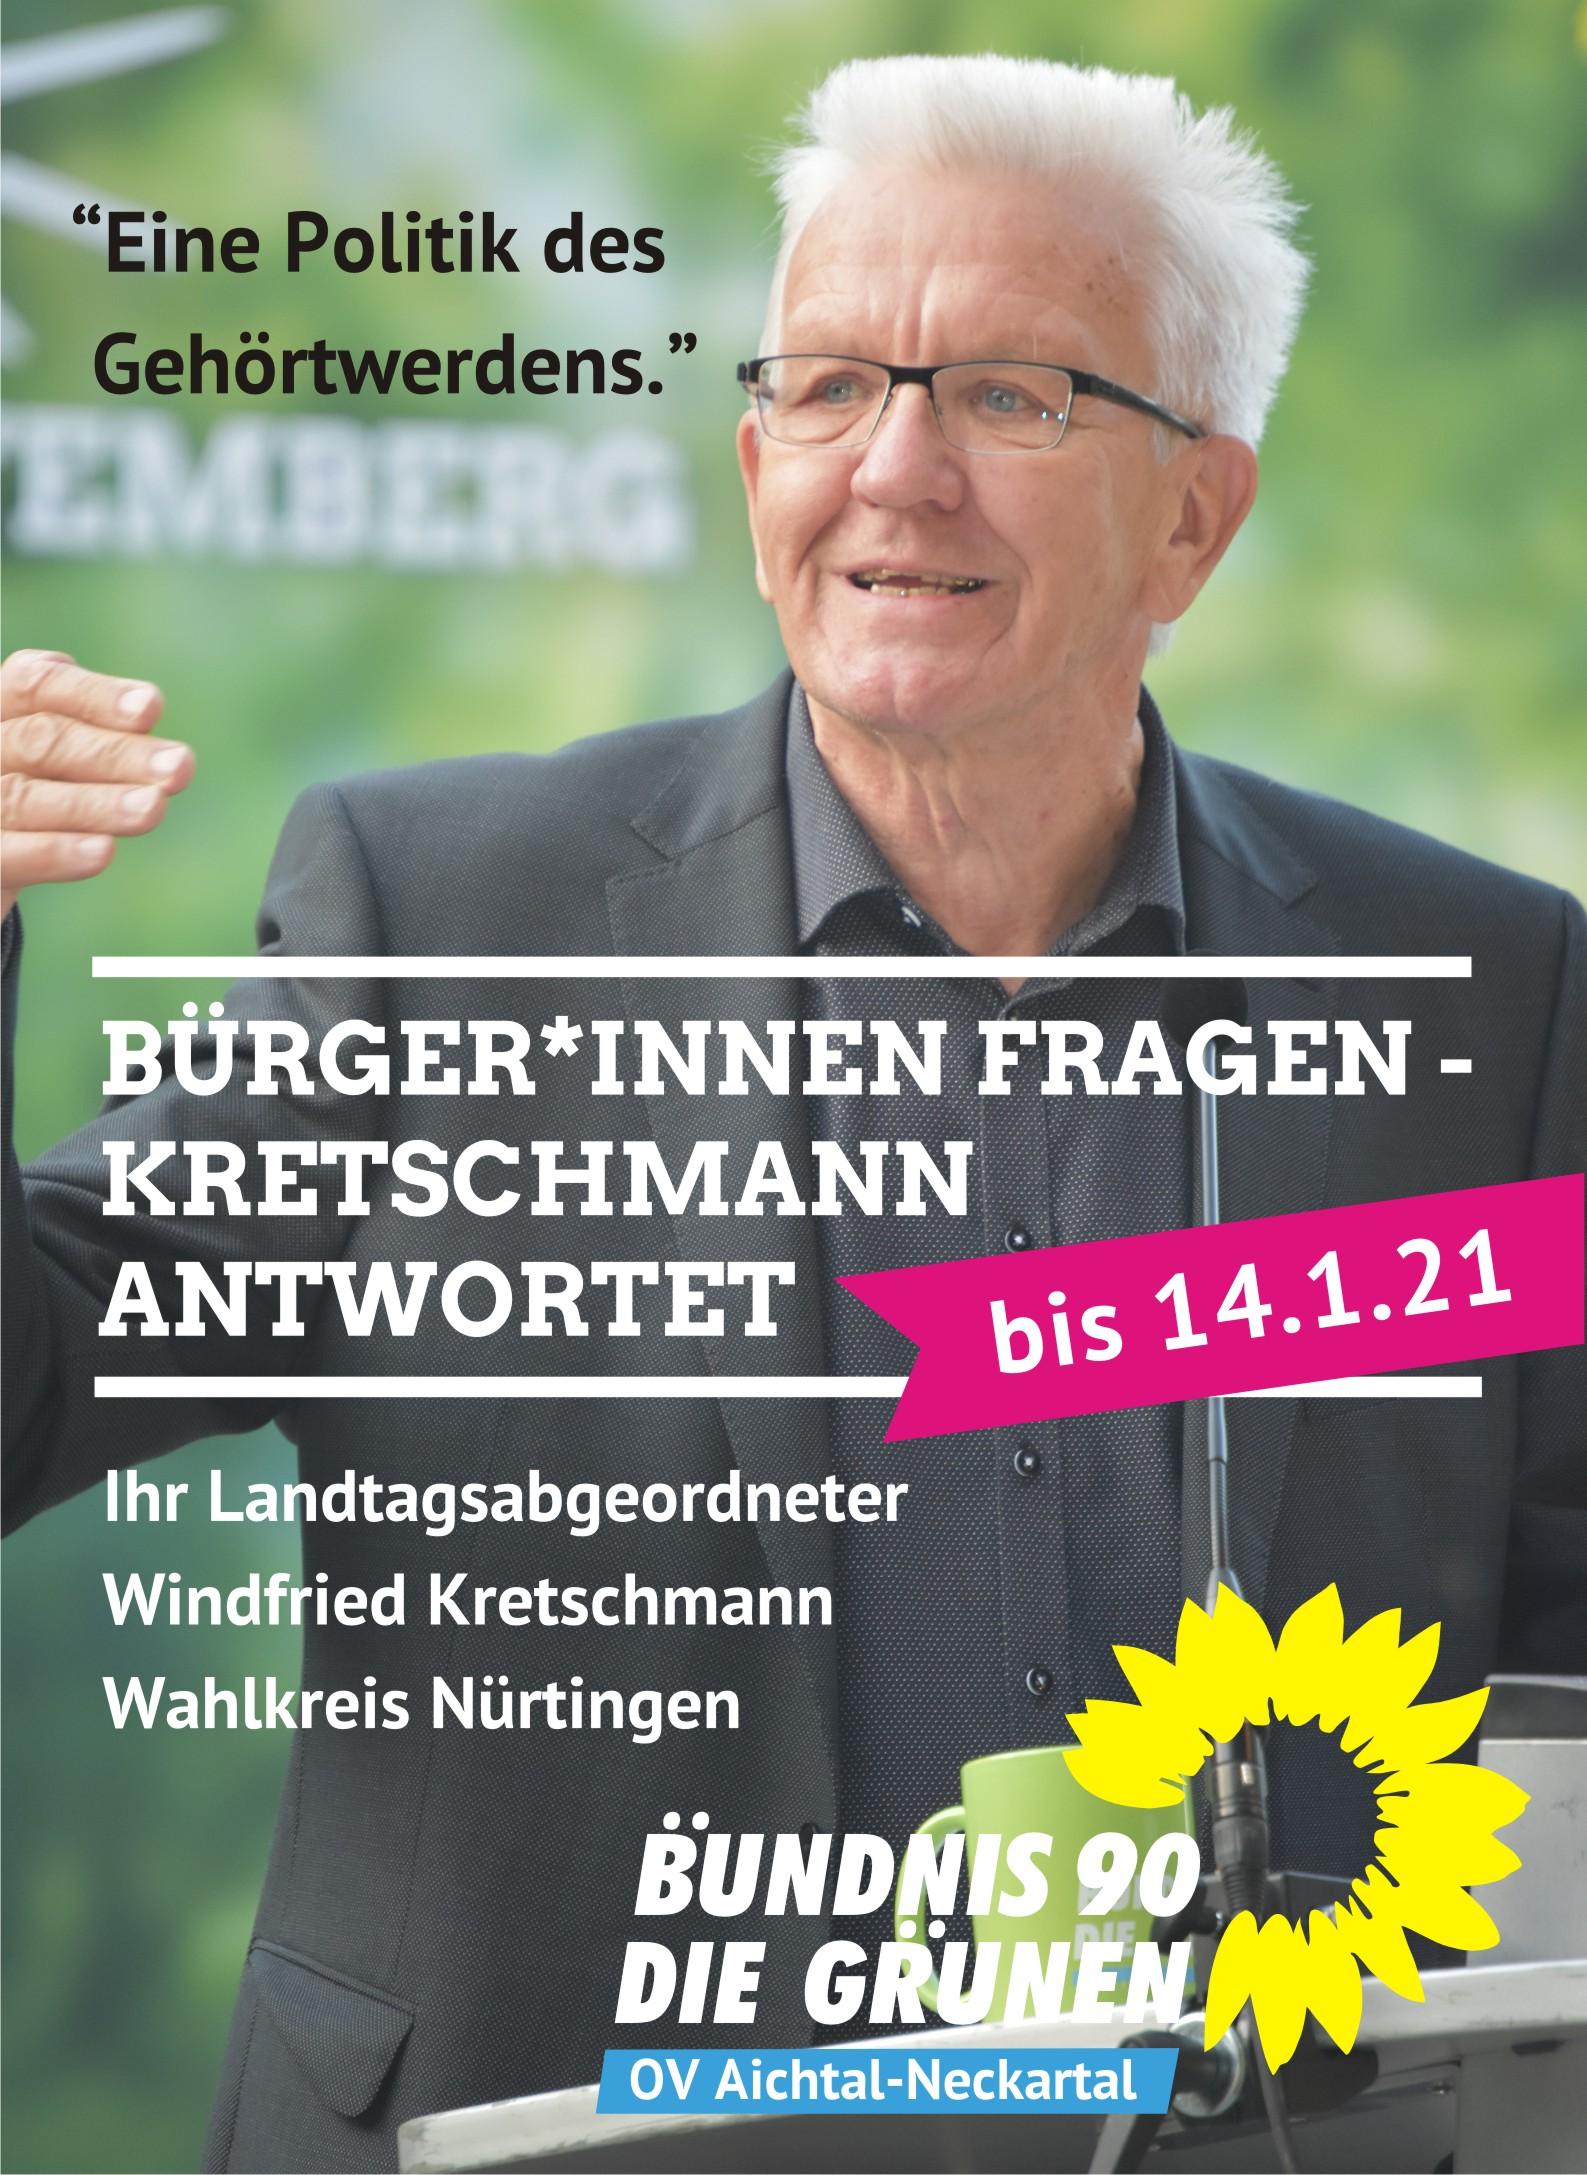 Burger Innen Fragen Kretschmann Antwortet Ov Aichtal Neckartal